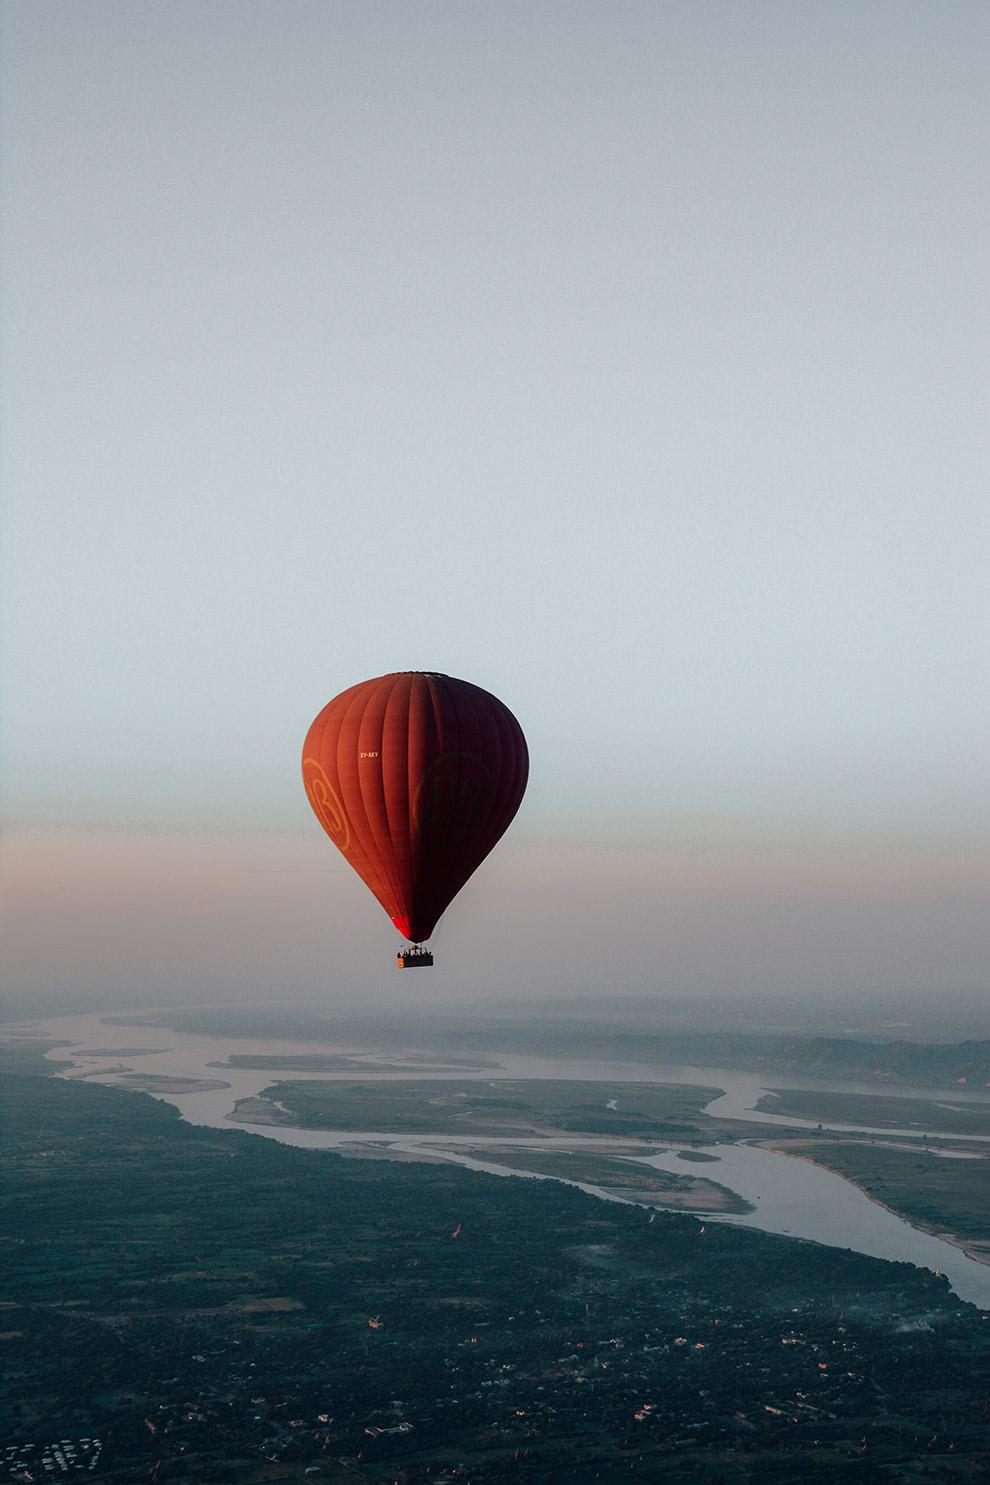 Ochtendzon kleurt lucht roze vanuit luchtballon